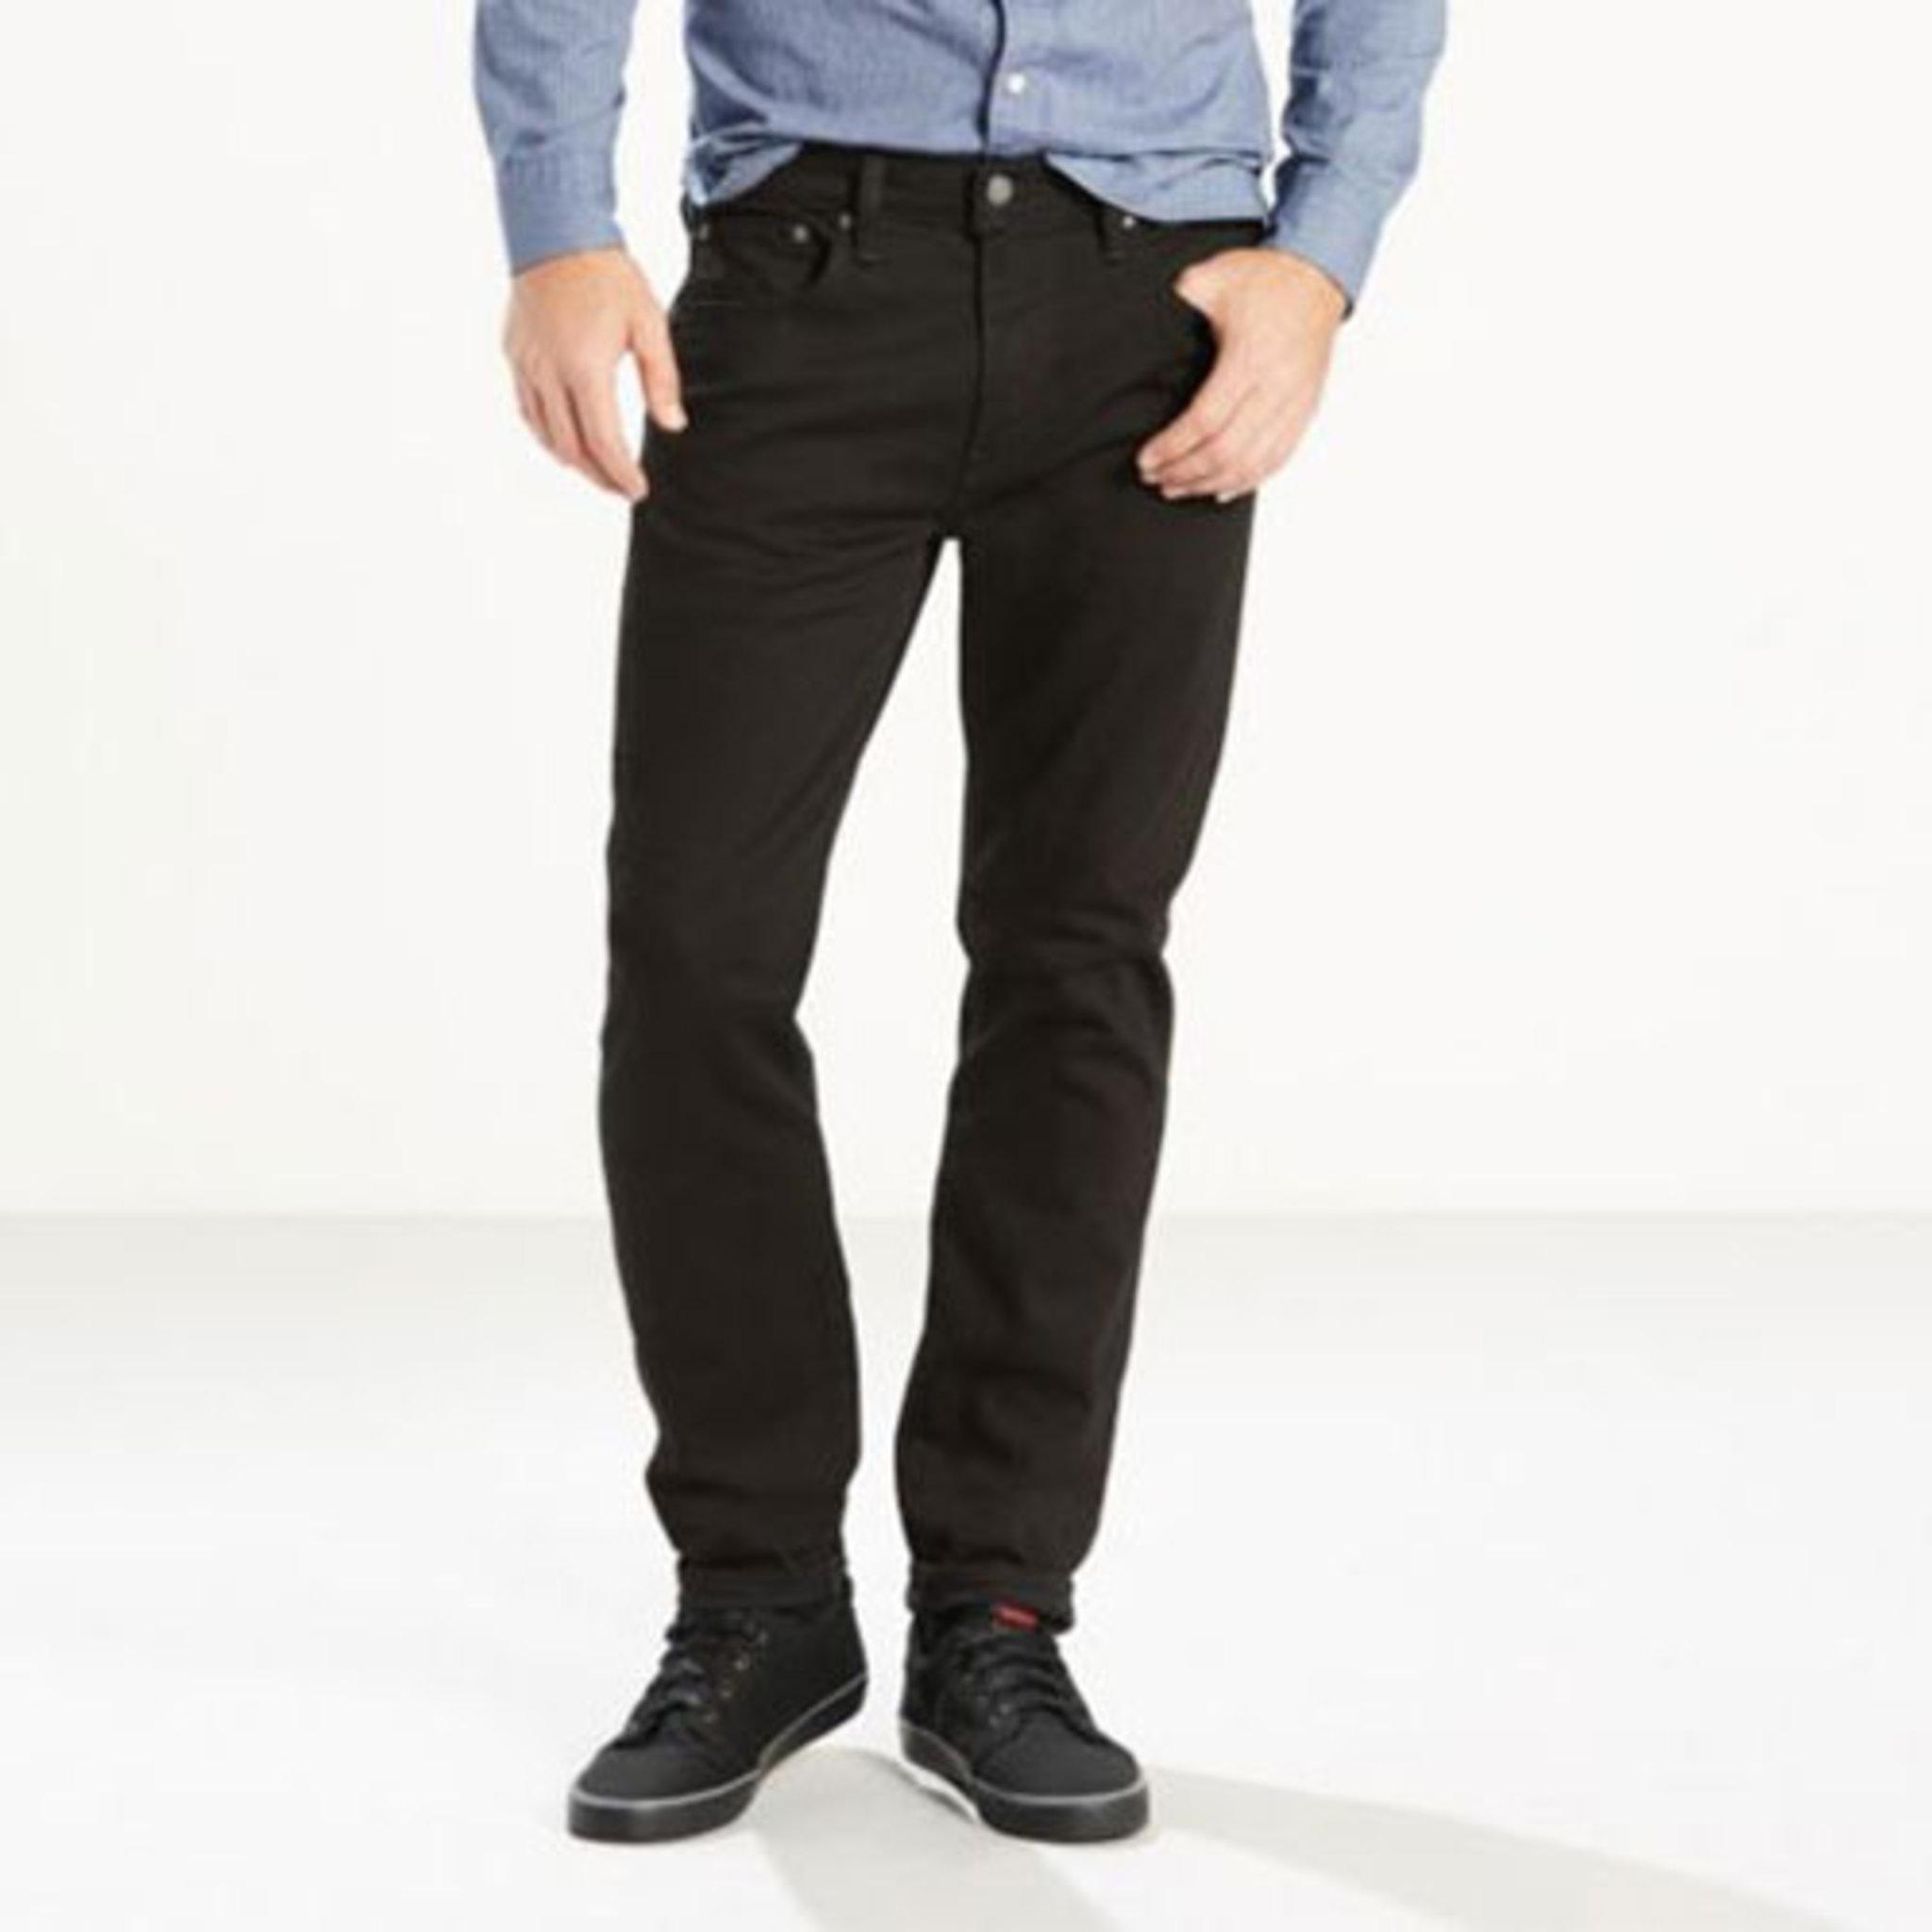 502 Regular Taper Fit Jeans - Byxor   Jeans - Köp online på åhlens.se! d1c96a8ba3956